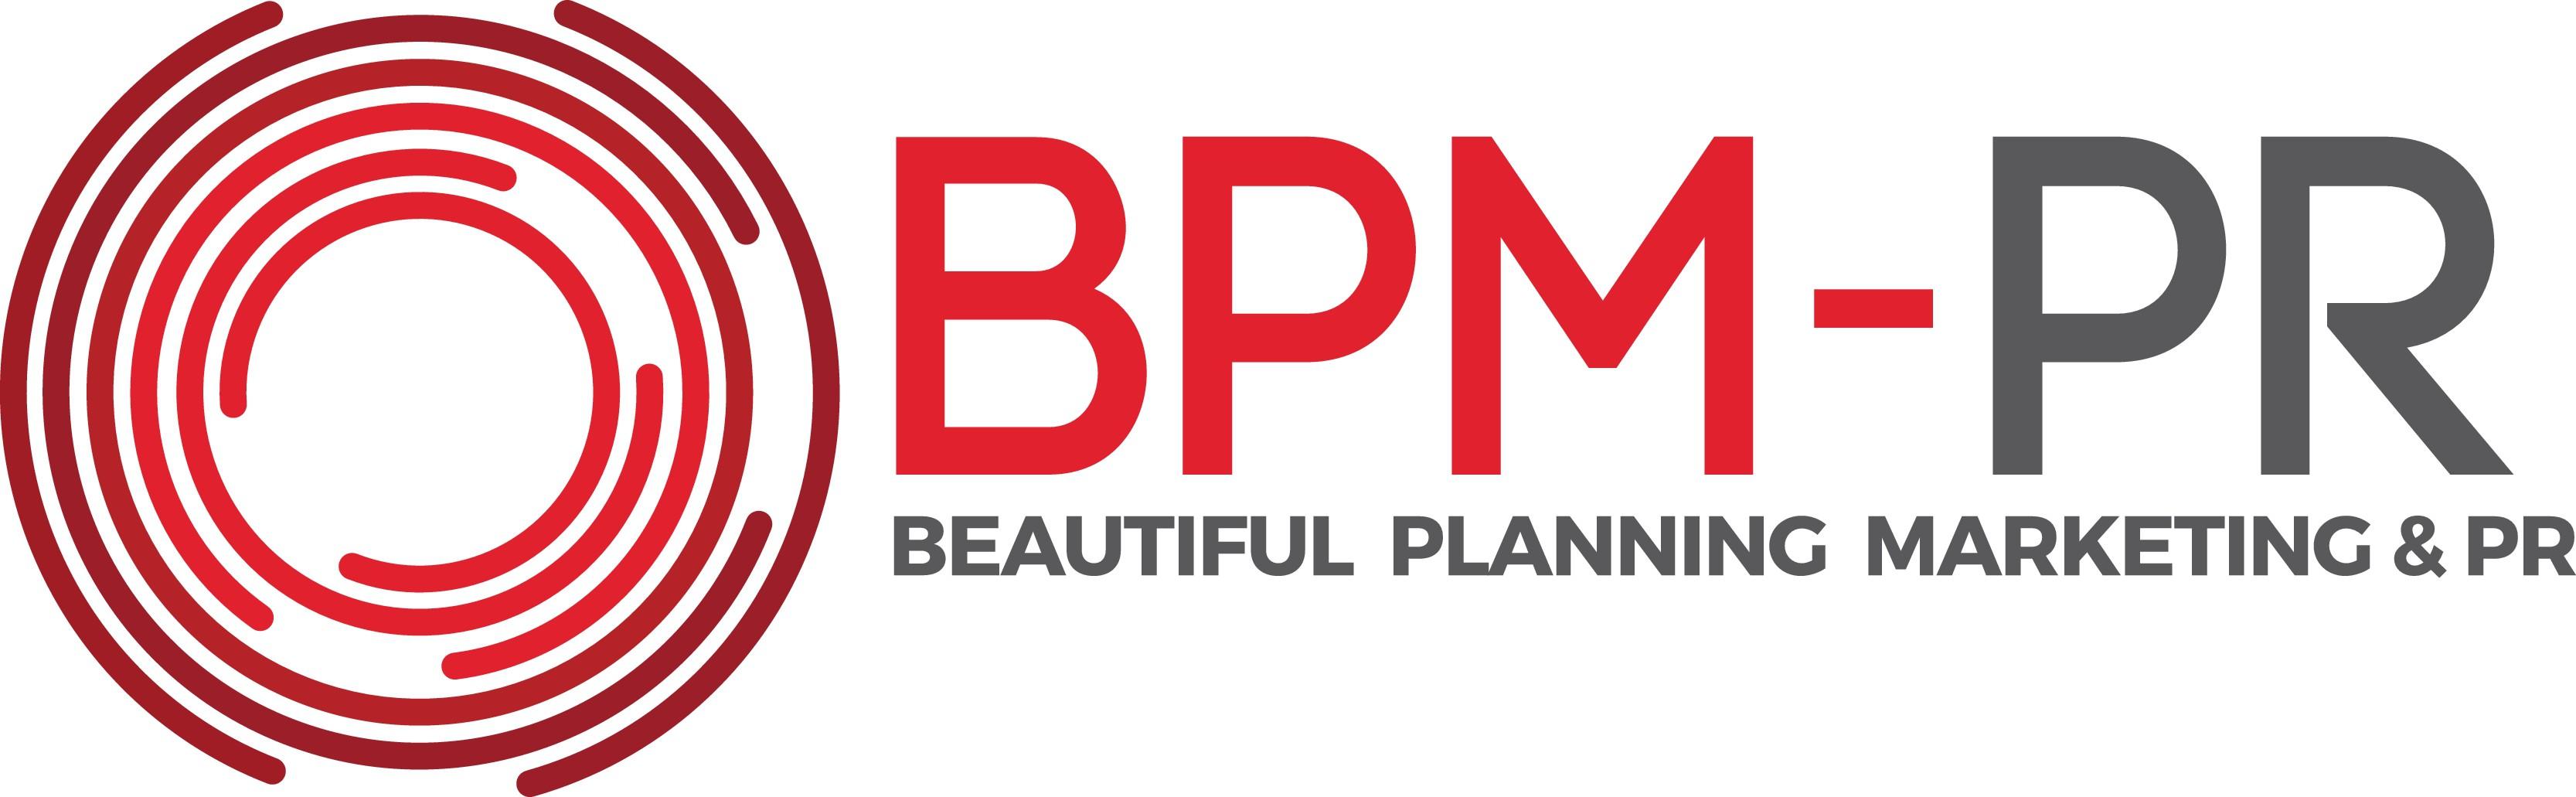 BPM-PR logo contest